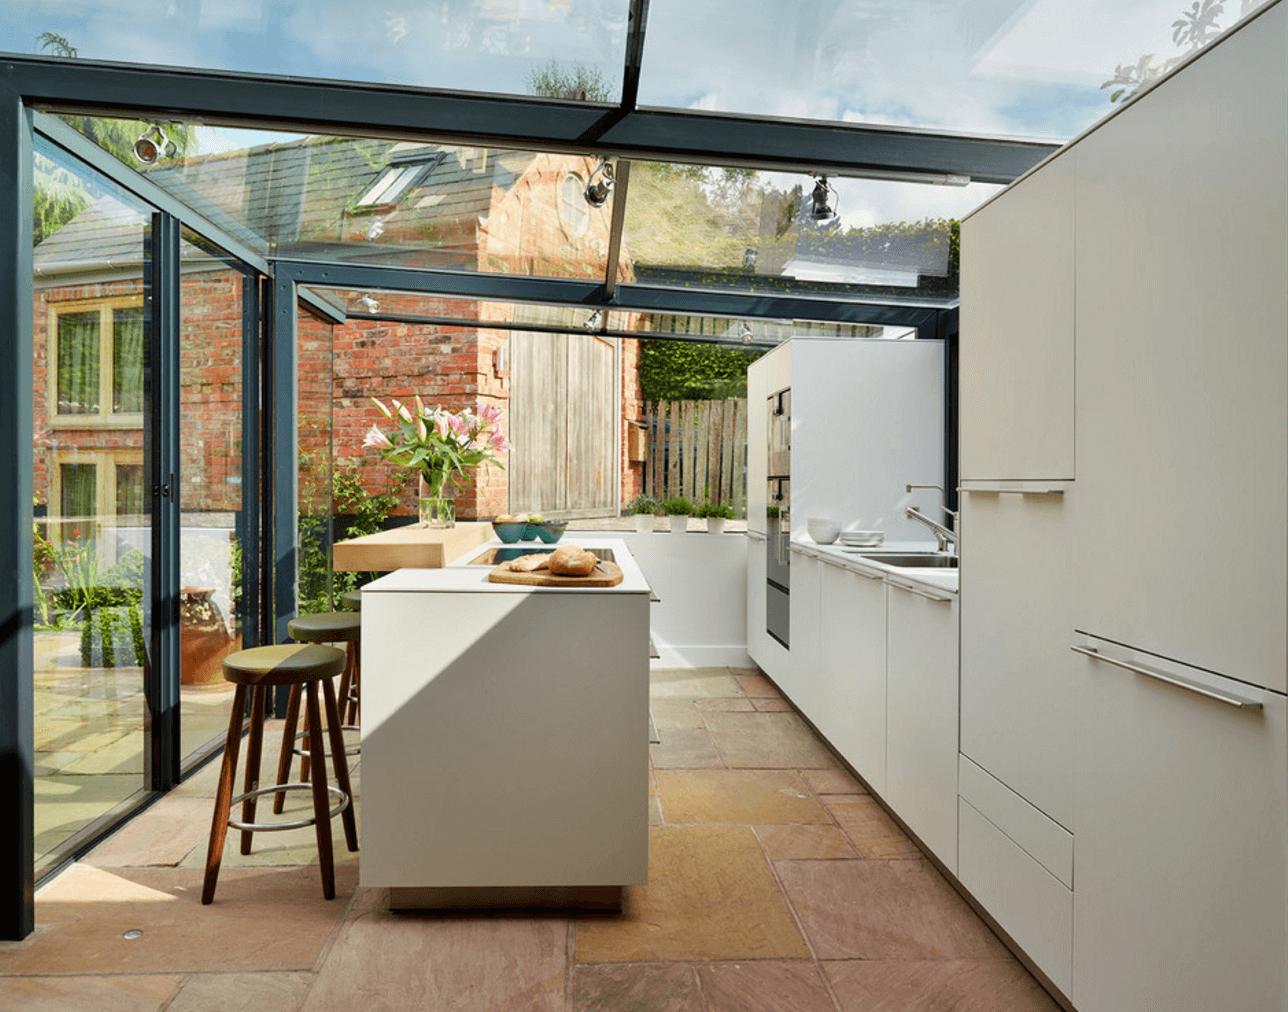 Entzuckend Ein Glaskubus Für Eine Küche Wunderschöne Bulthaup Einrichtung Weisse  Fronten Verstärken Den Lichten Eindruck Eine Große